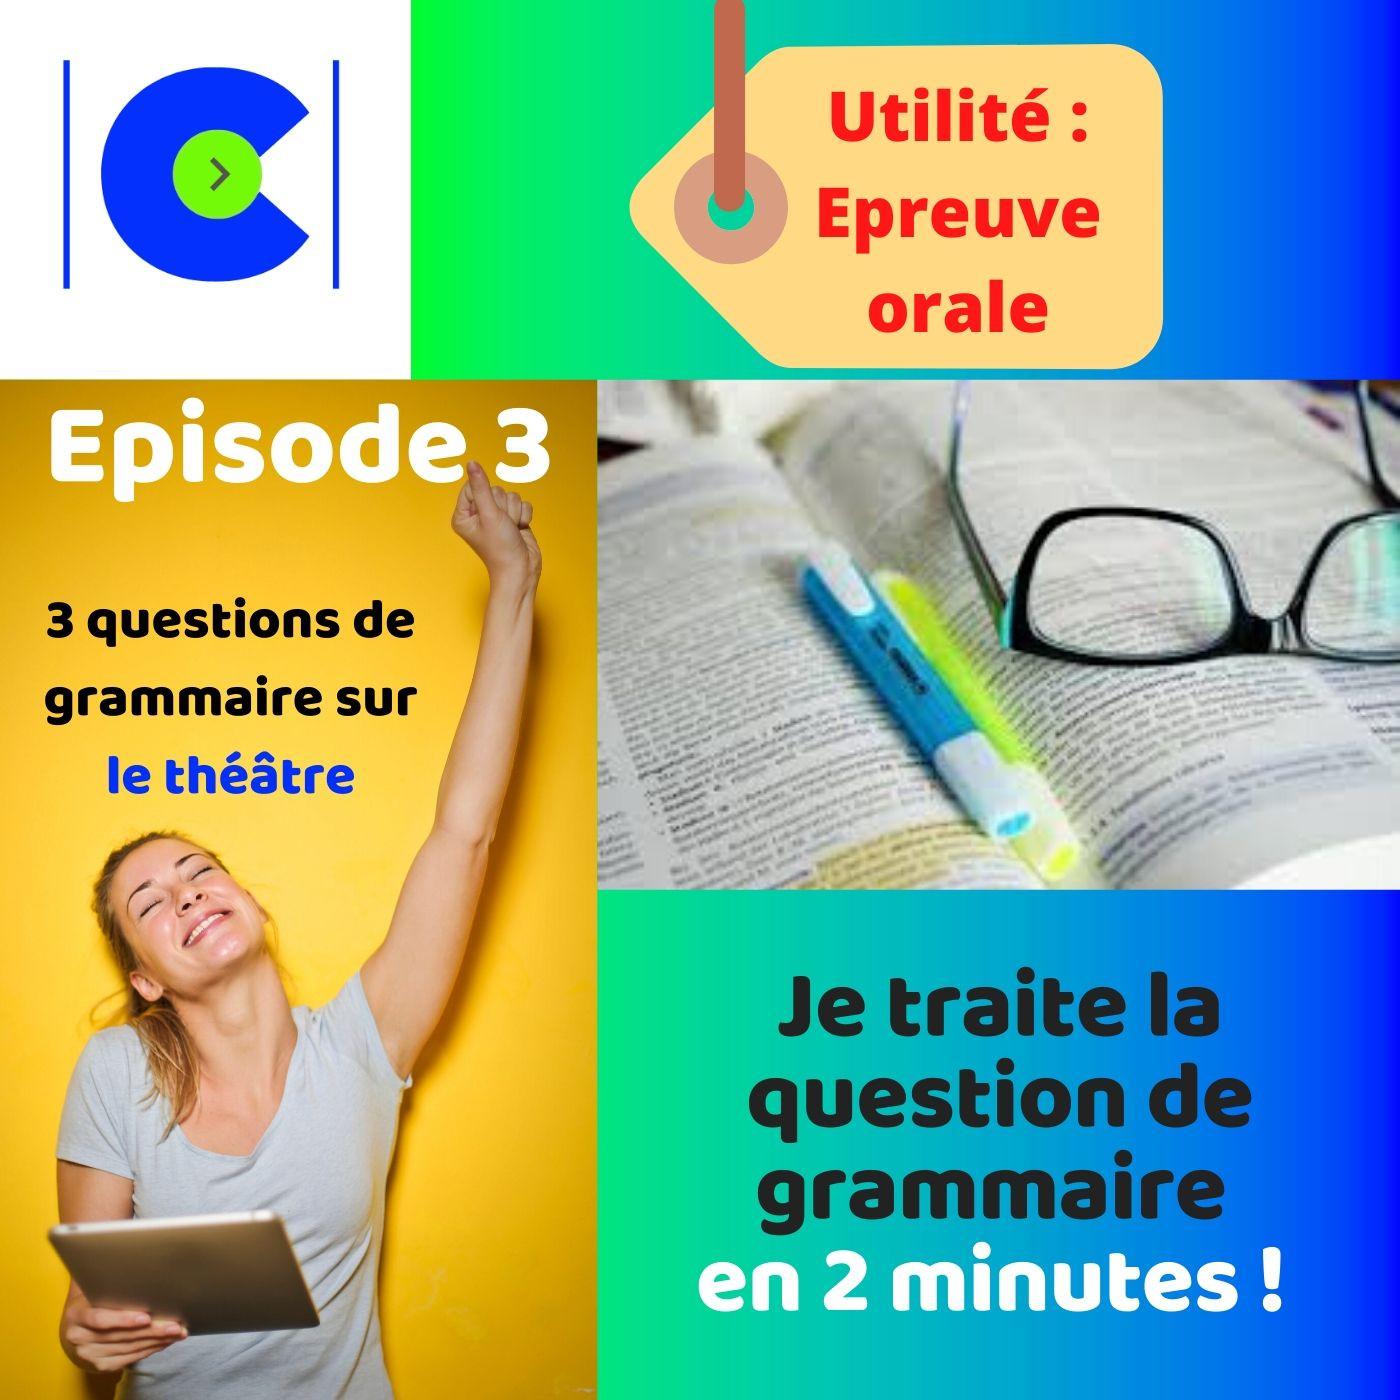 Comment répondre à la question de grammaire en 2 minutes ? Episode THEATRE